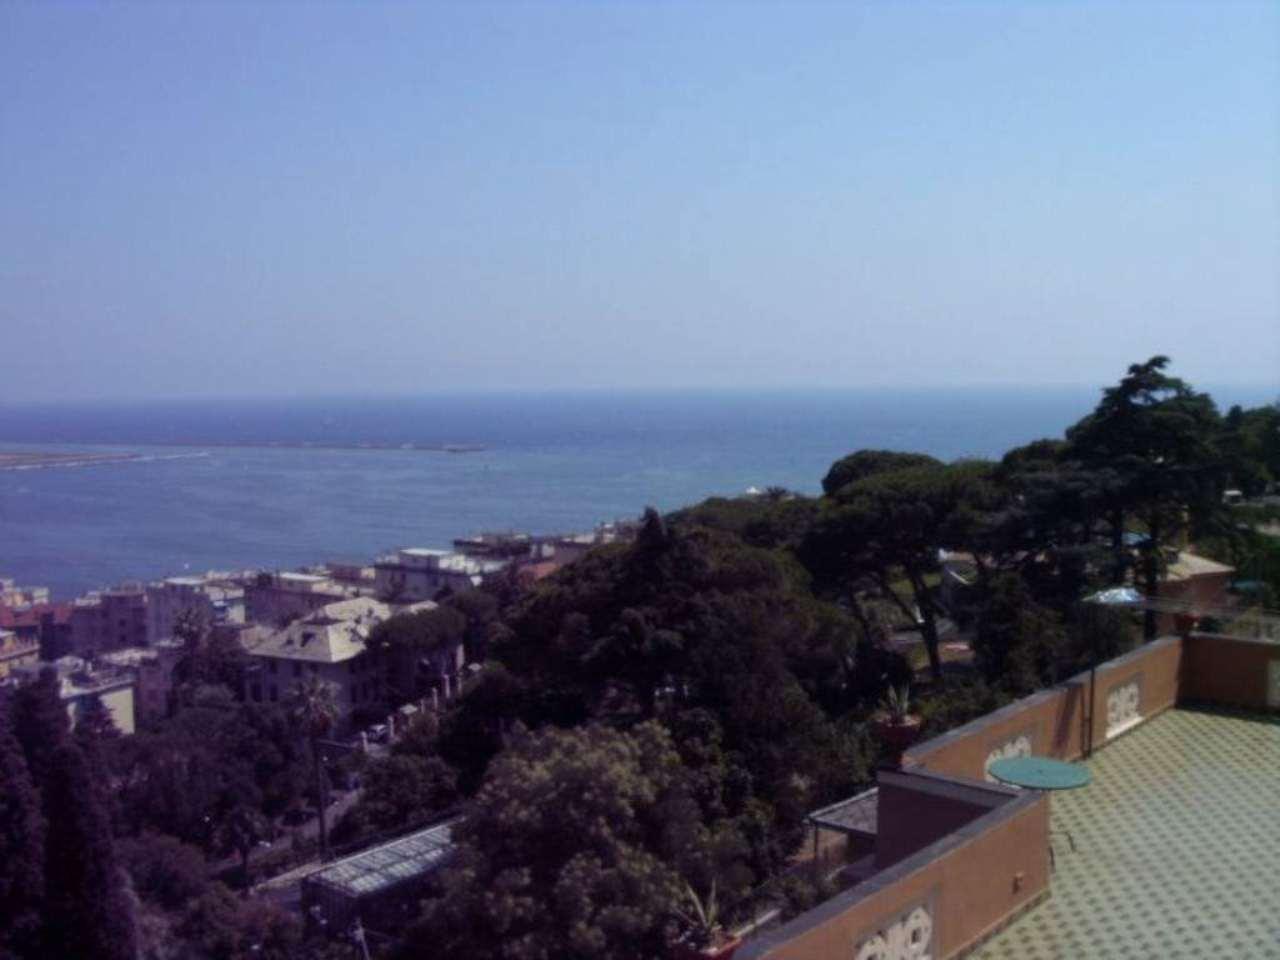 Villa in vendita a Genova, 5 locali, zona Zona: 14 . Pegli, prezzo € 690.000   CambioCasa.it